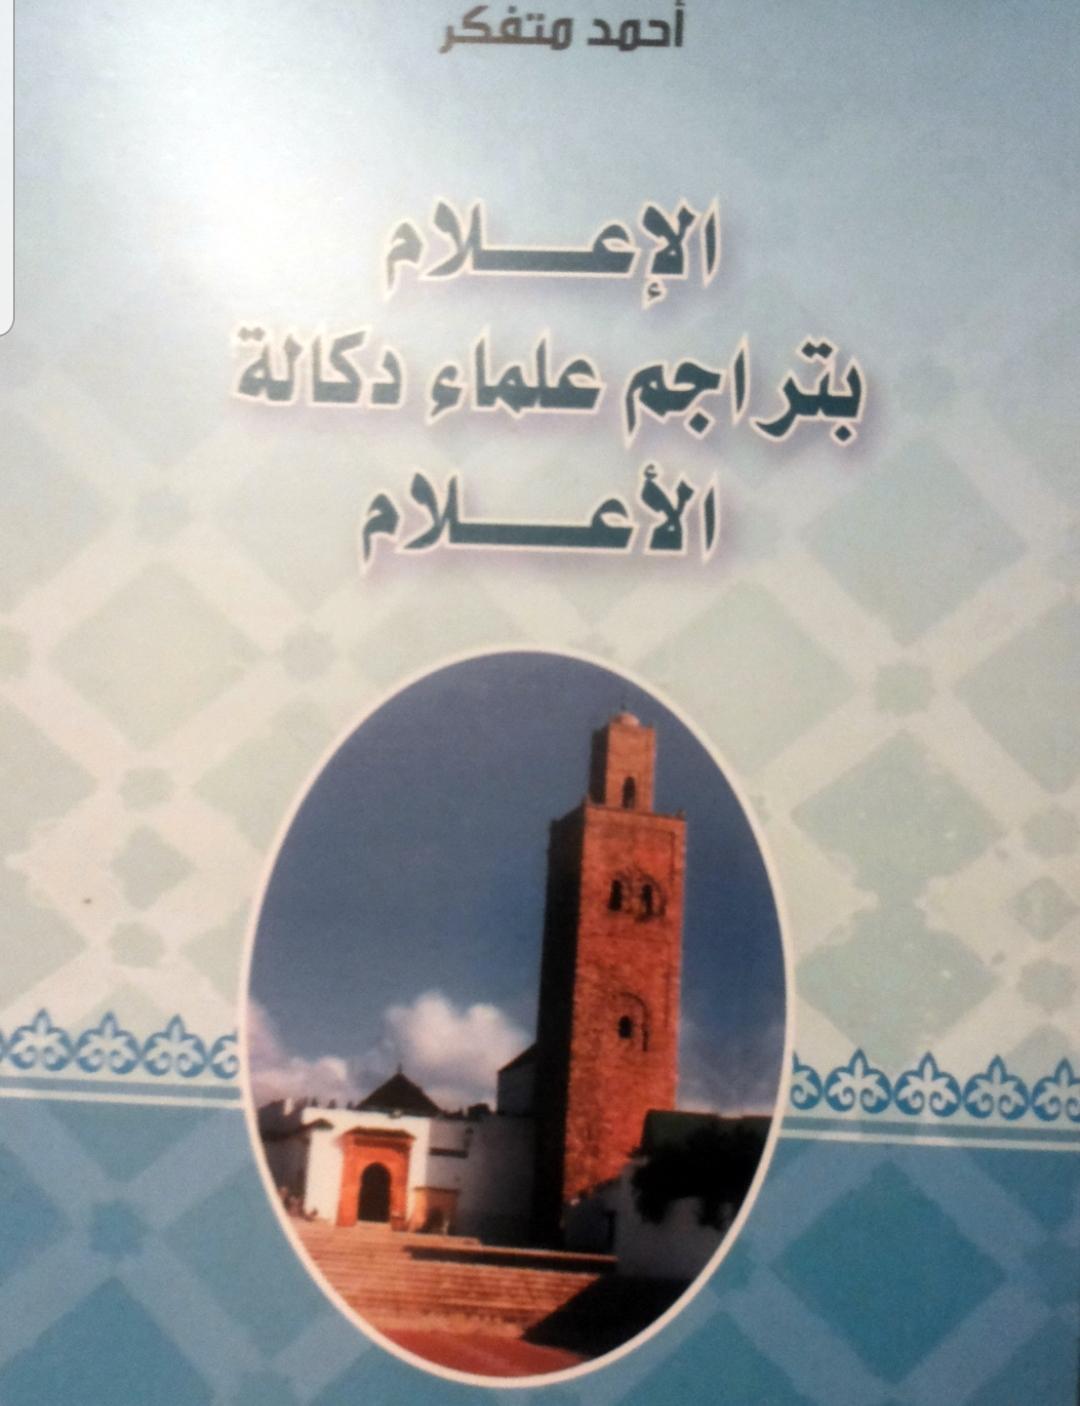 أعلام منطقة دكالة.. كتاب جديد للكاتب والباحث الأستاذ أحمد متفكر